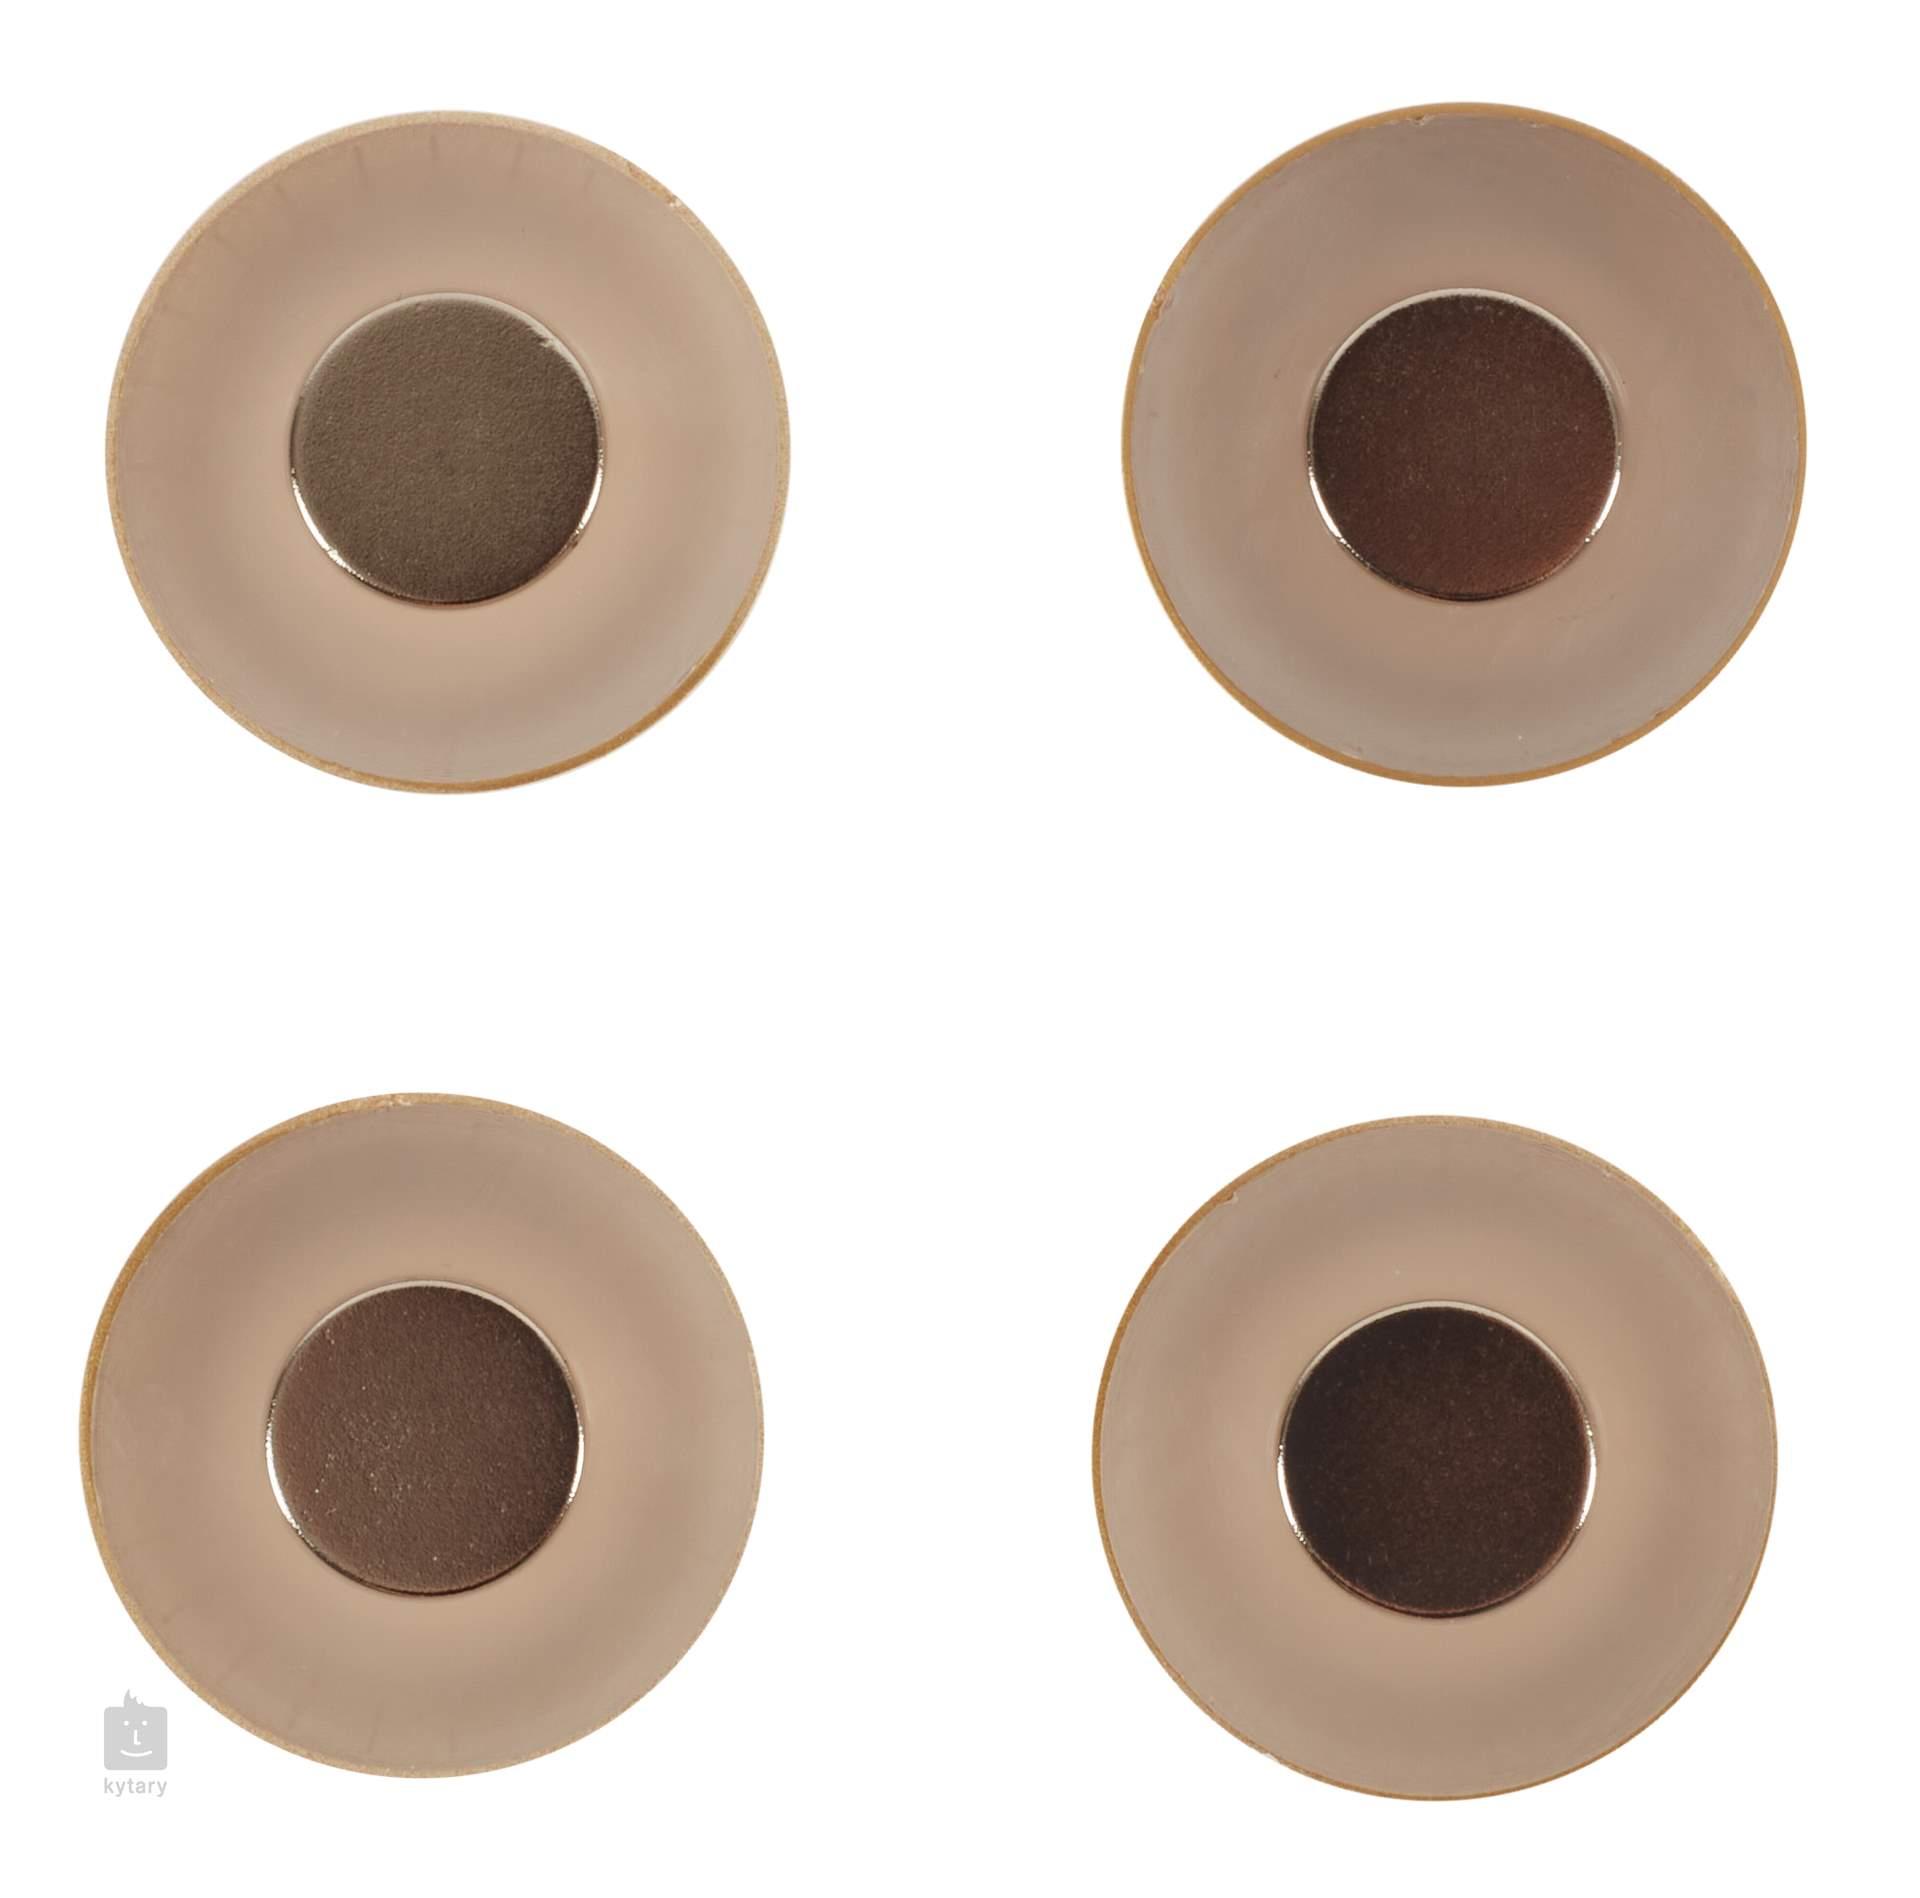 VIntage knob magnets set of three